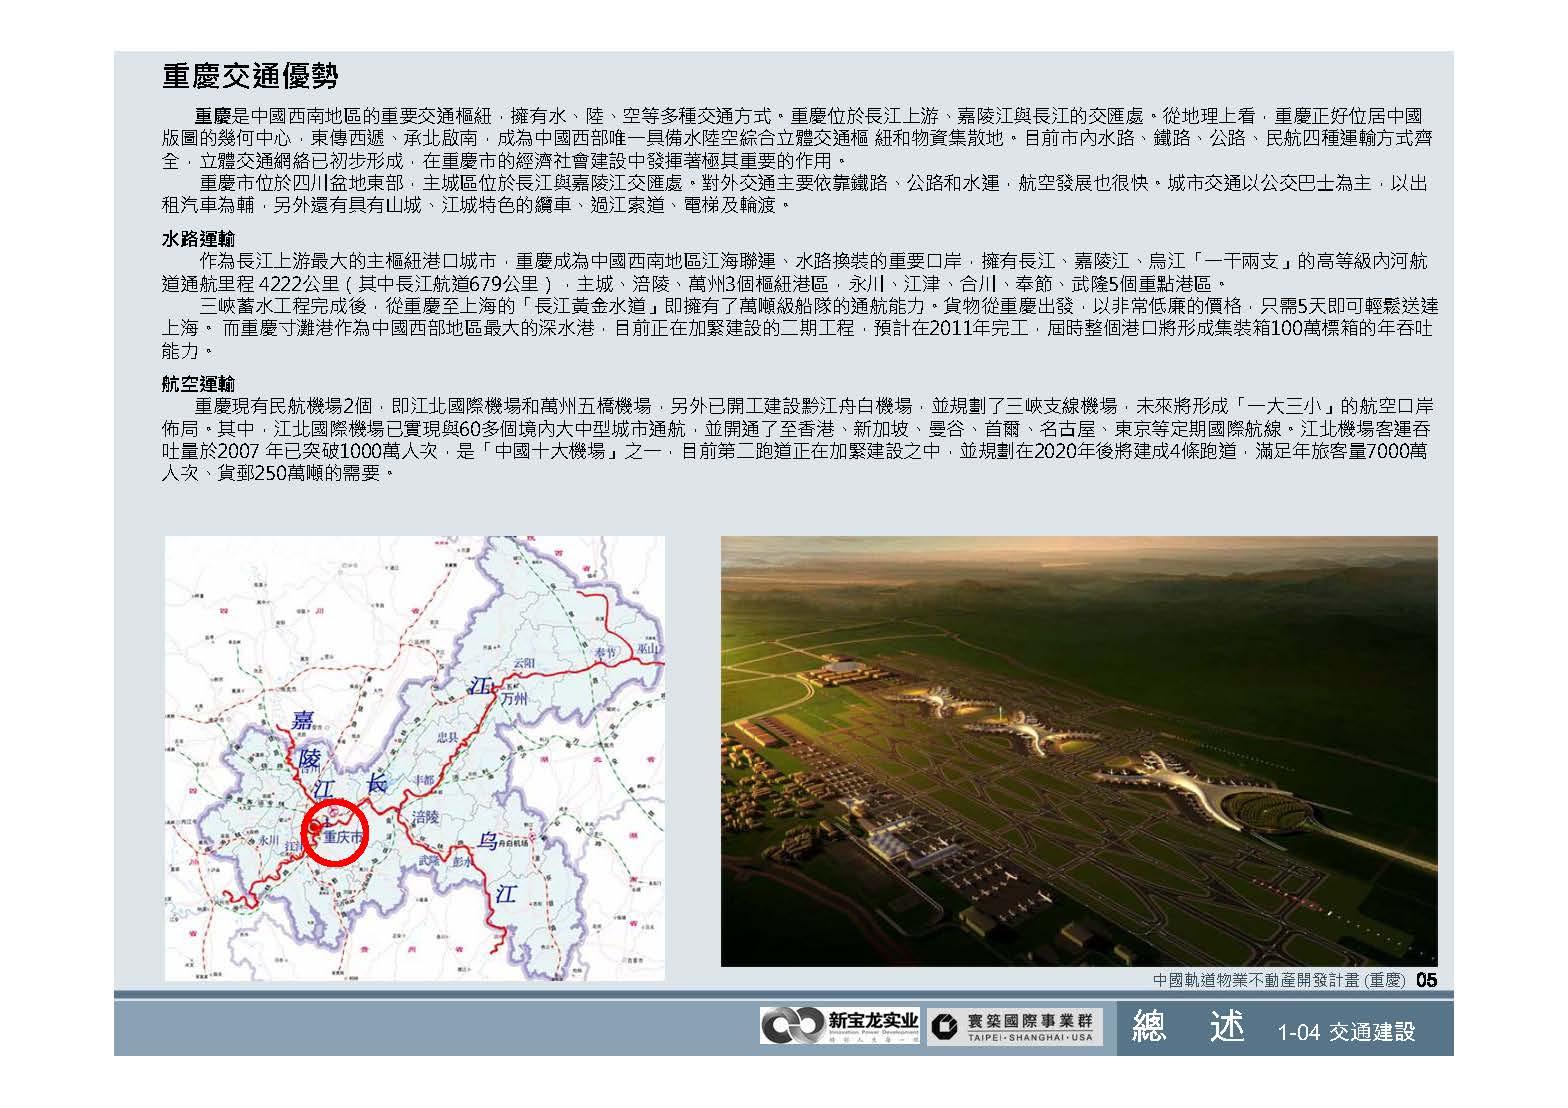 20100812-中國軌道物業不動產開發計畫(重慶)_頁面_06